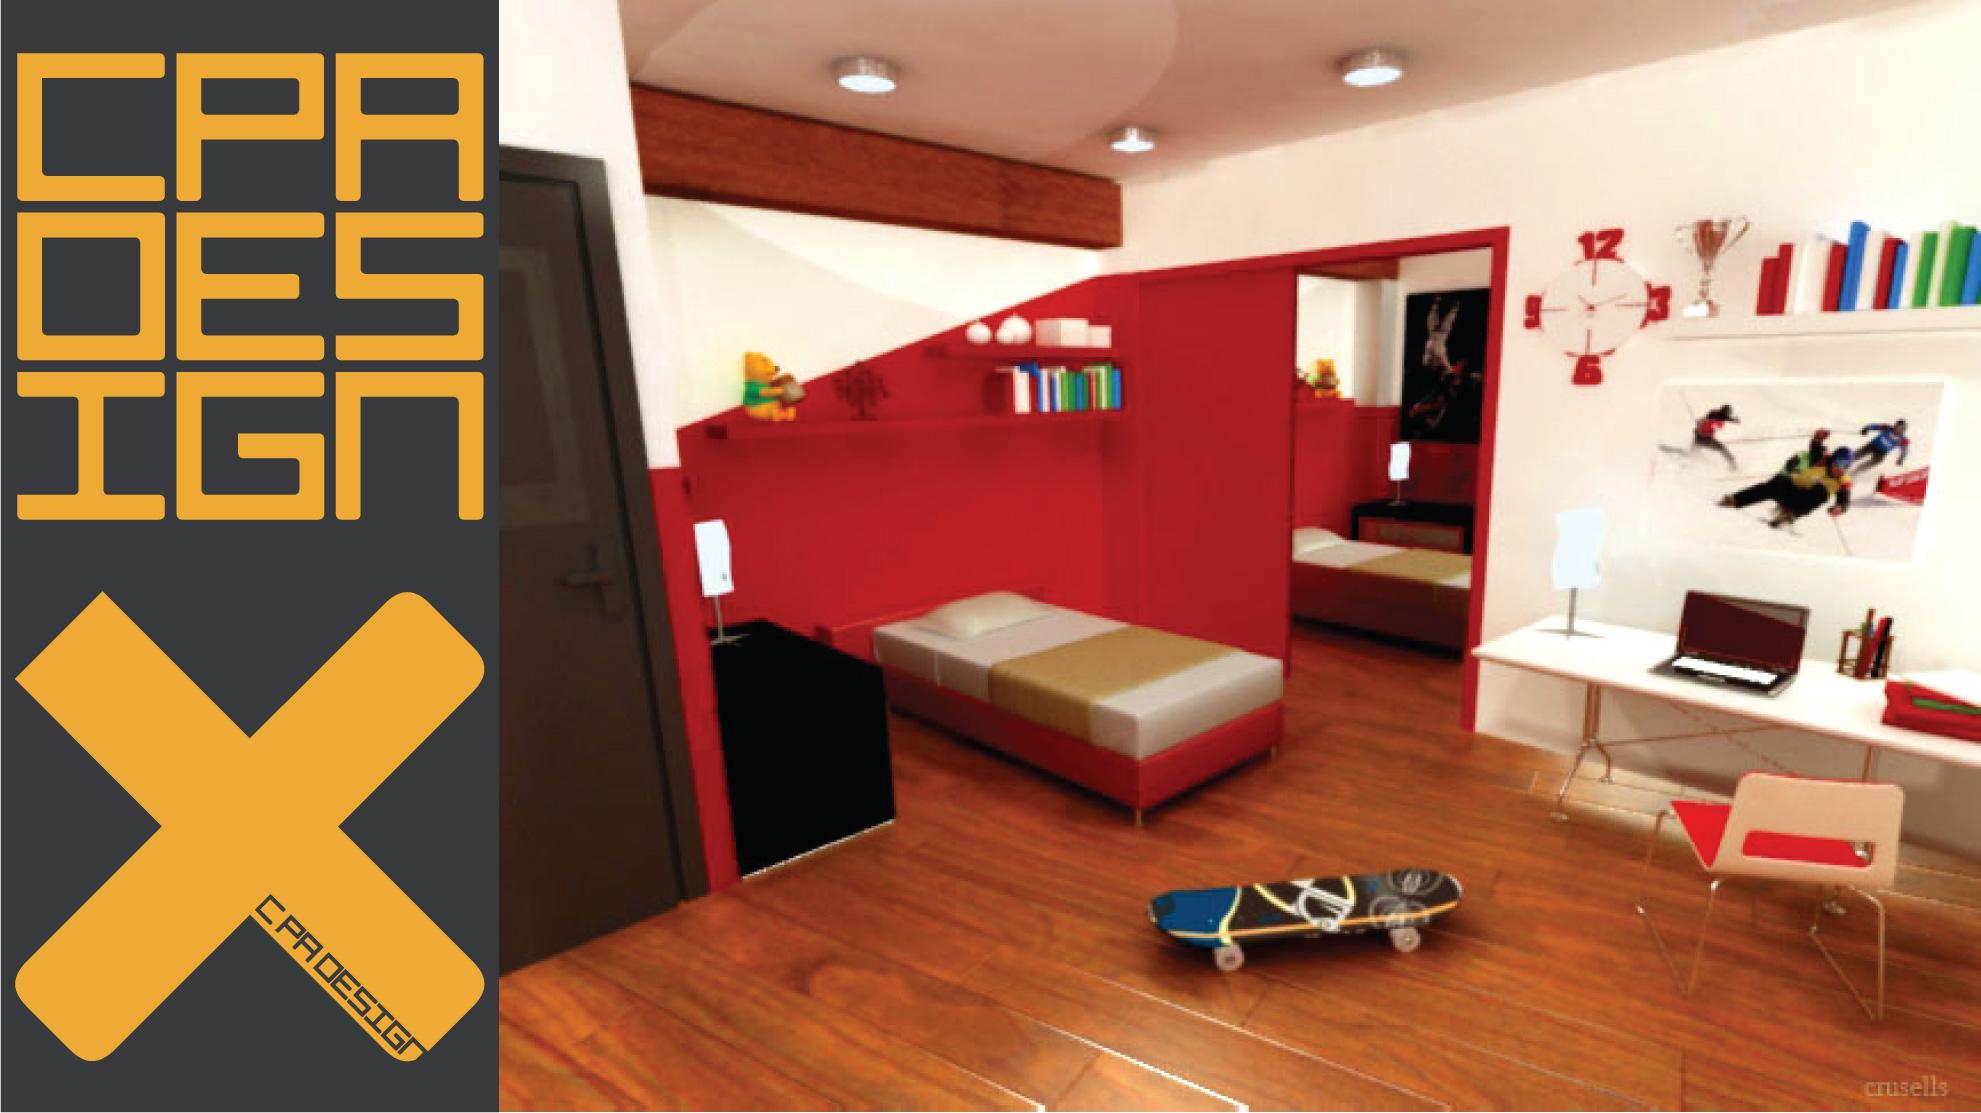 c_pa_design_mobilier_realisation_architecture-interieure-3d-photo-realiste-pro